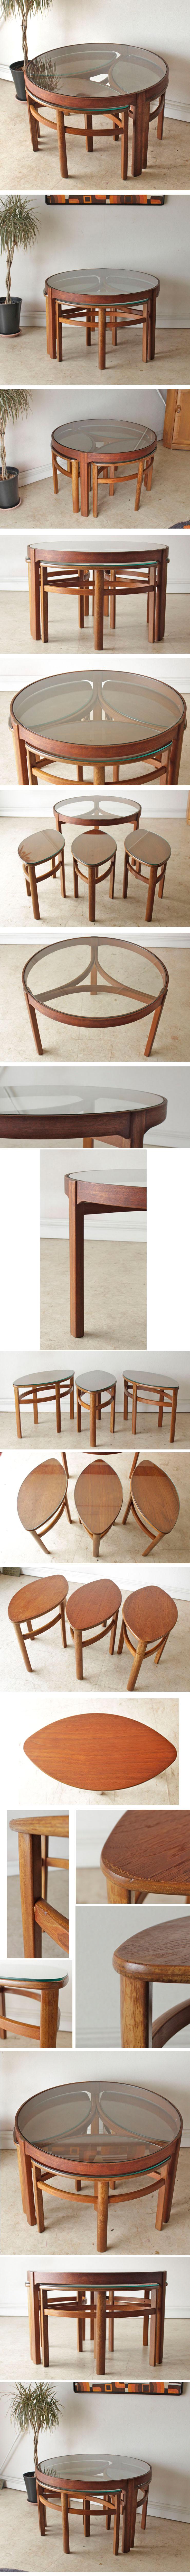 Nathan・ネイサン・ネストテーブル・チーク・イギリス製ビンテージ・ミッドセンチュリー輸入・アンティーク家具・013025